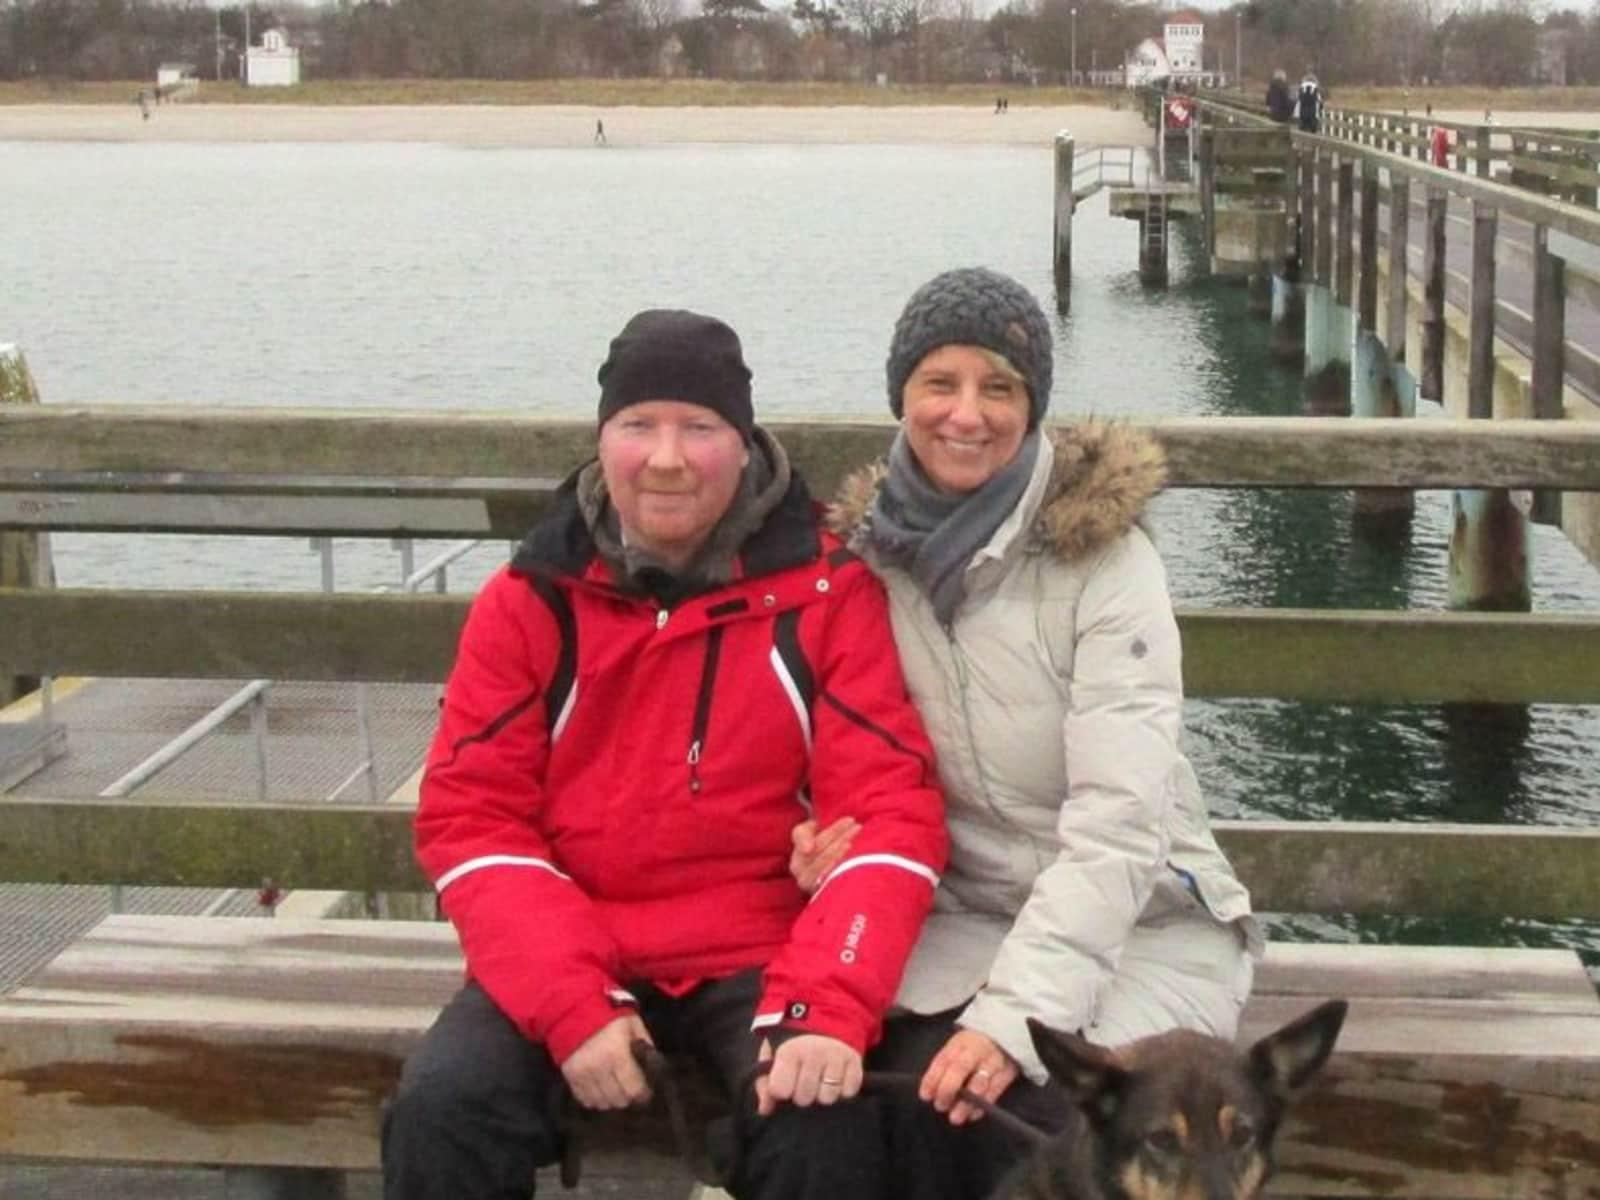 Sandra & Thorsten from Lüneburg, Germany